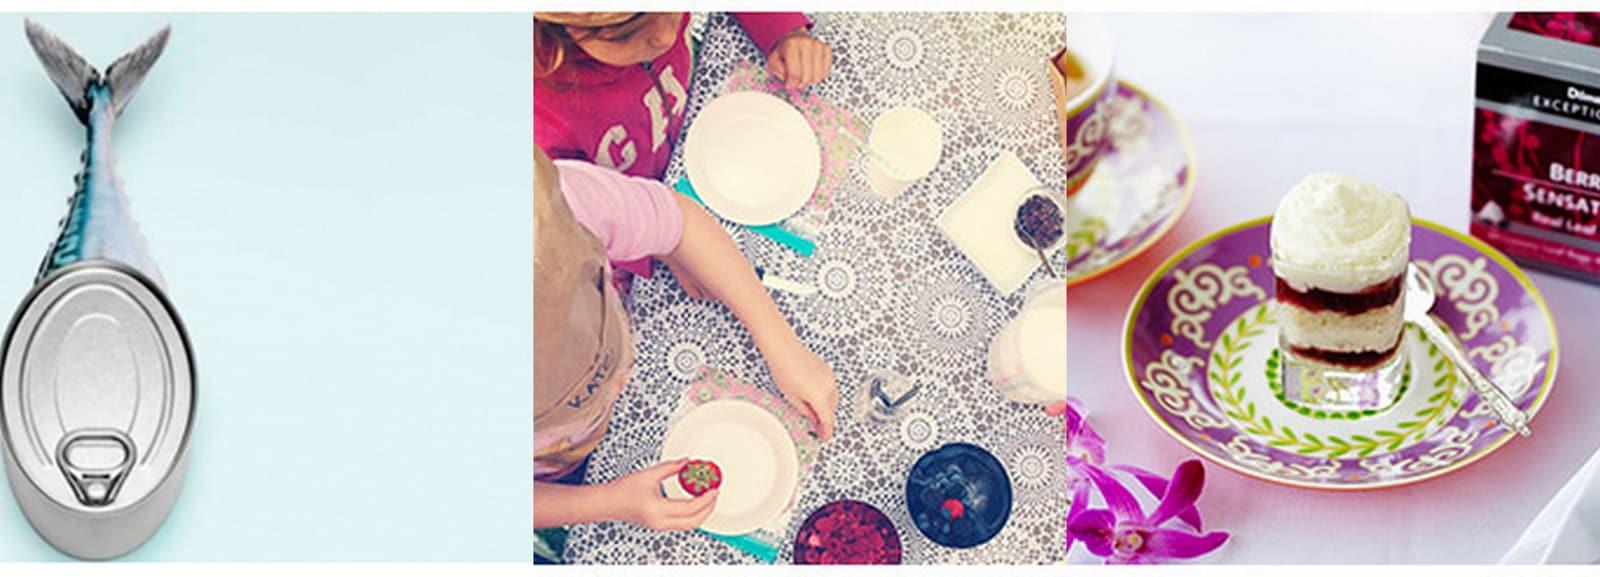 culy food festival1